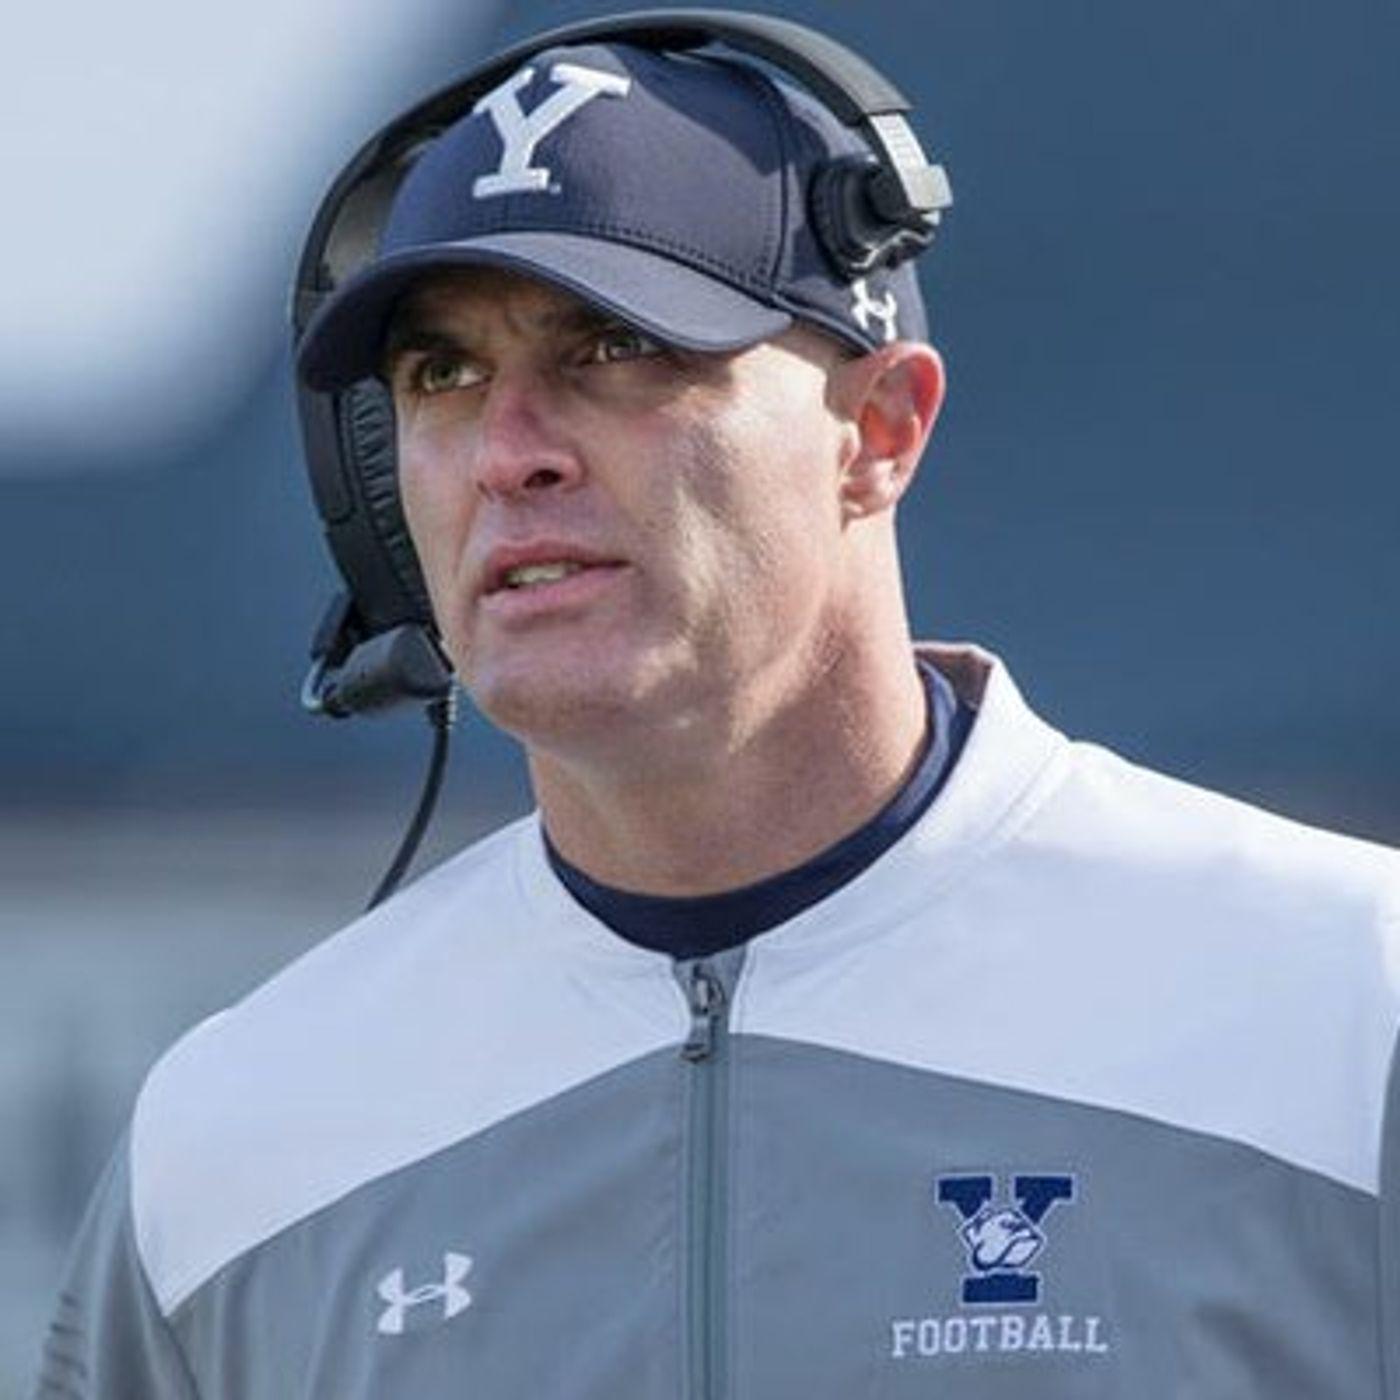 Yale Football Head Coach, Tony Reno